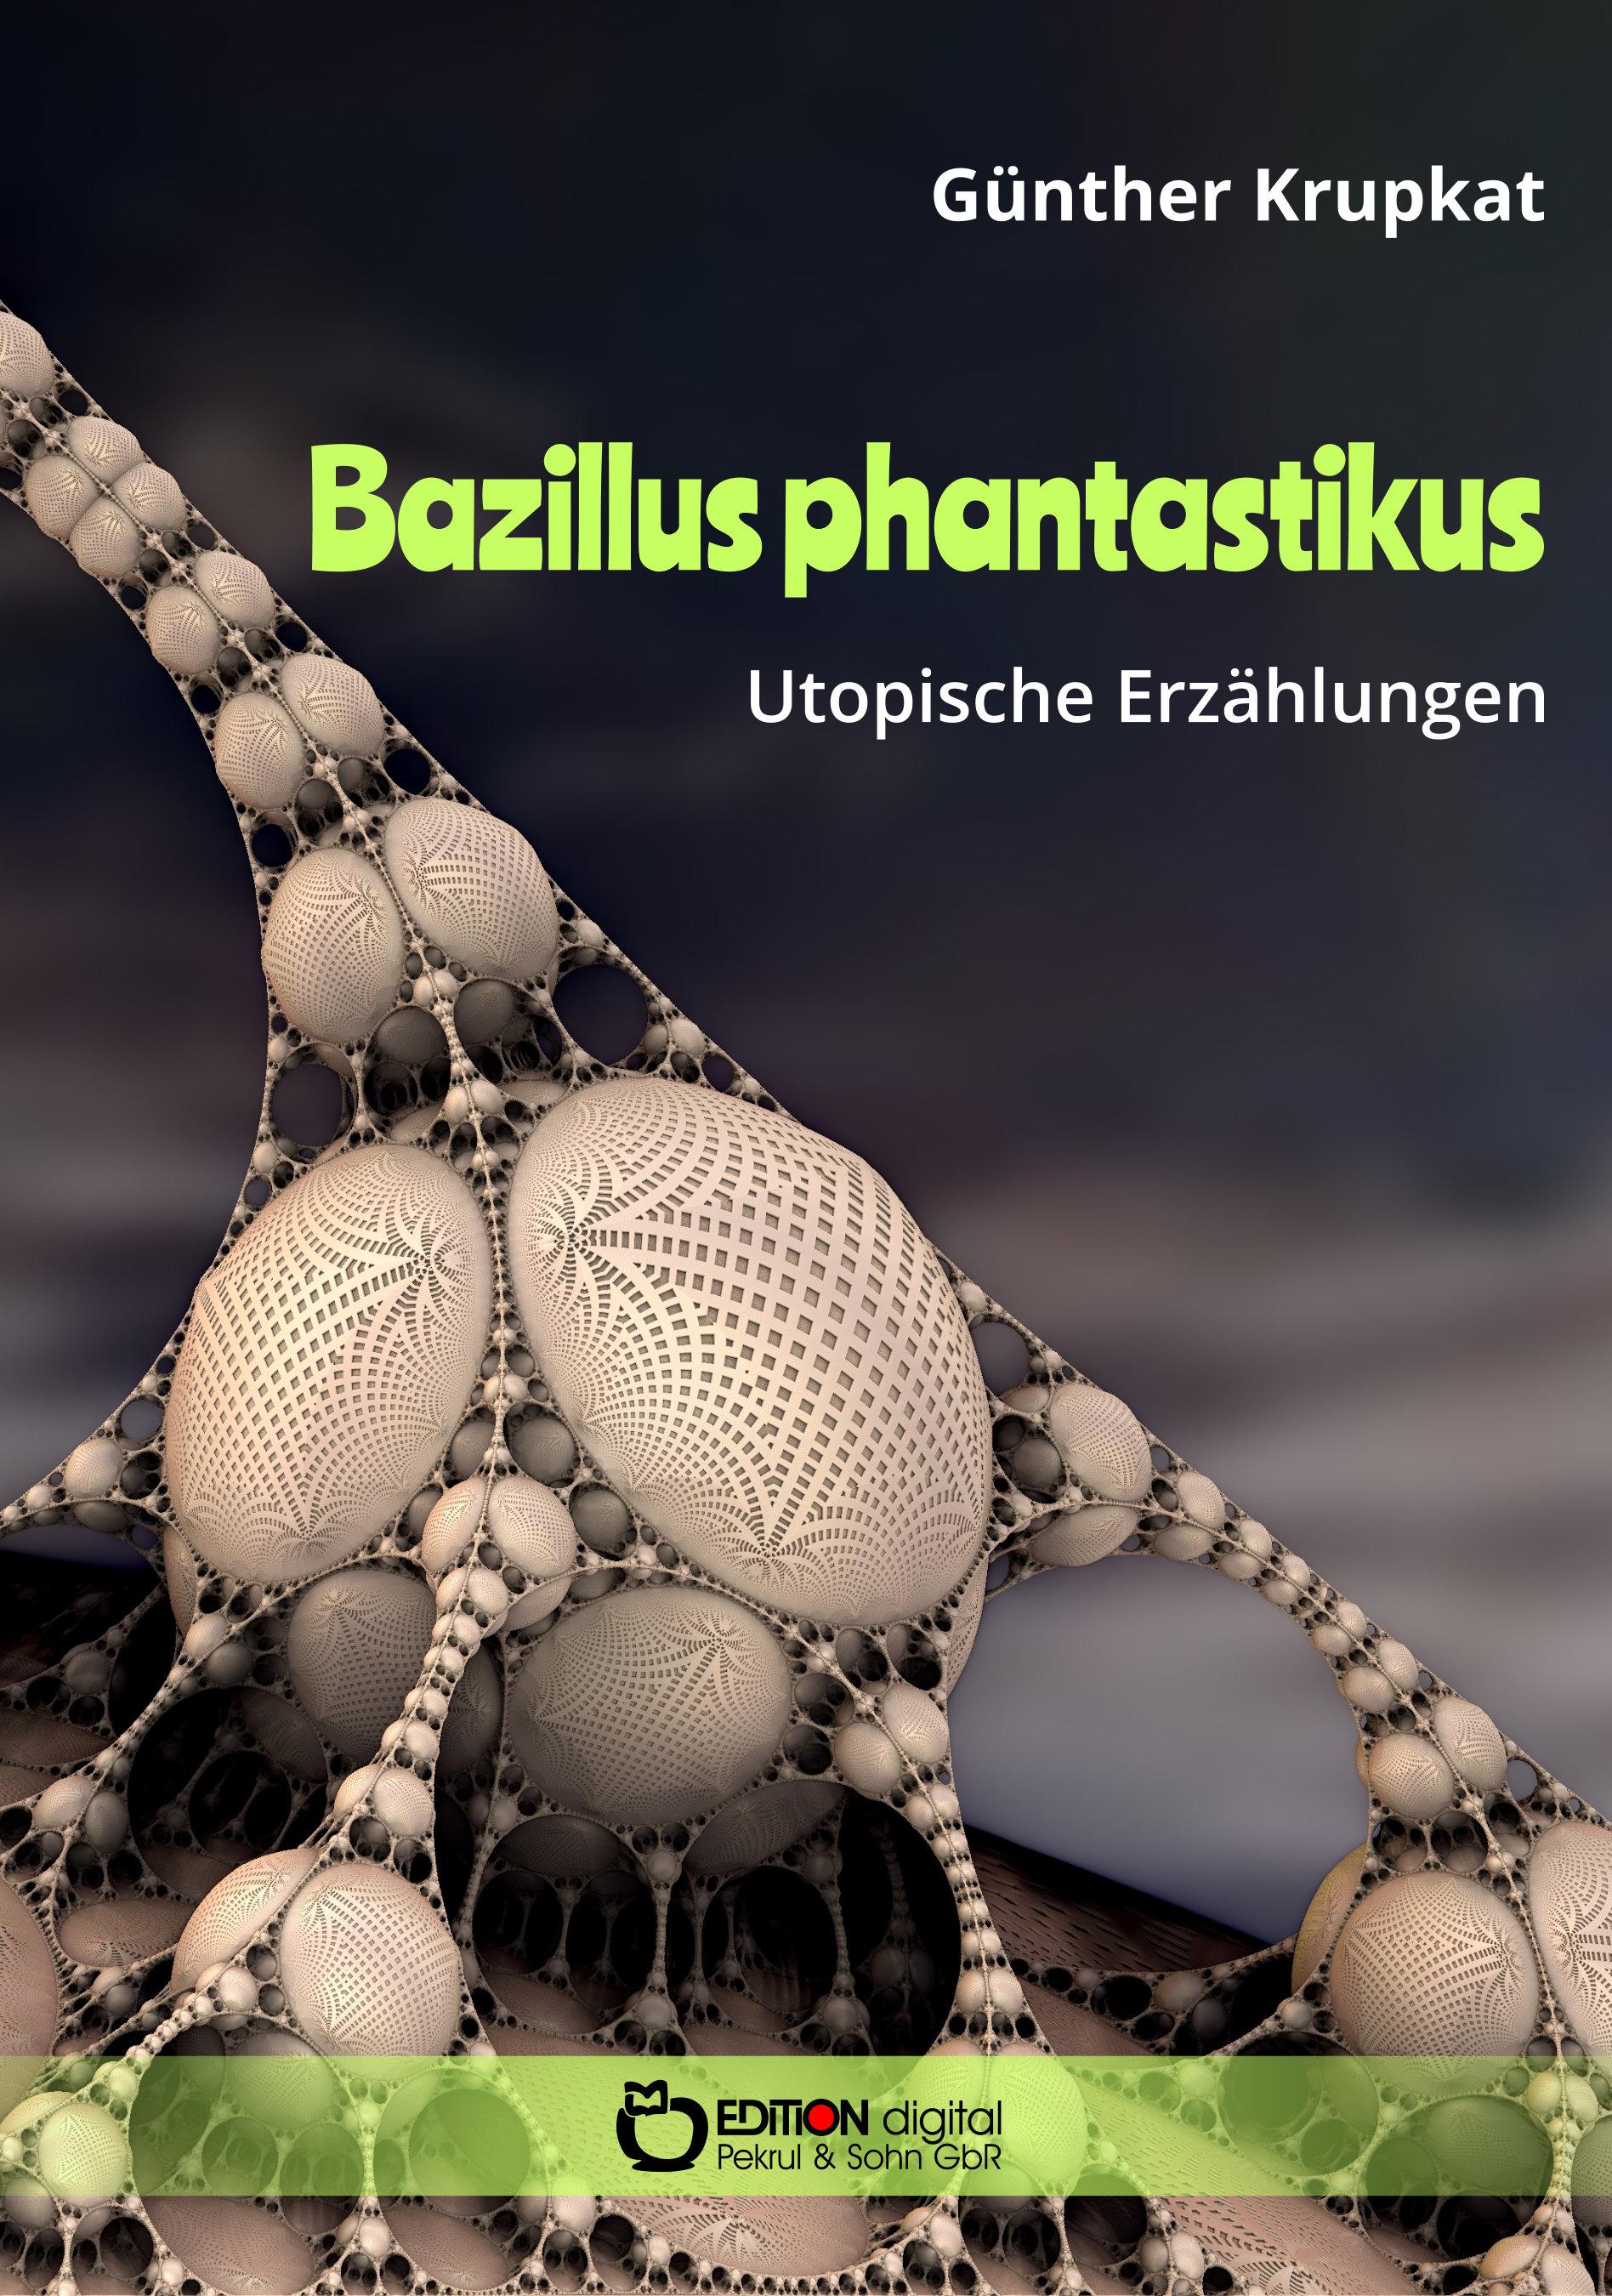 Bazillus phantastikus. Utopische Erzählungen von Günther Krupkat